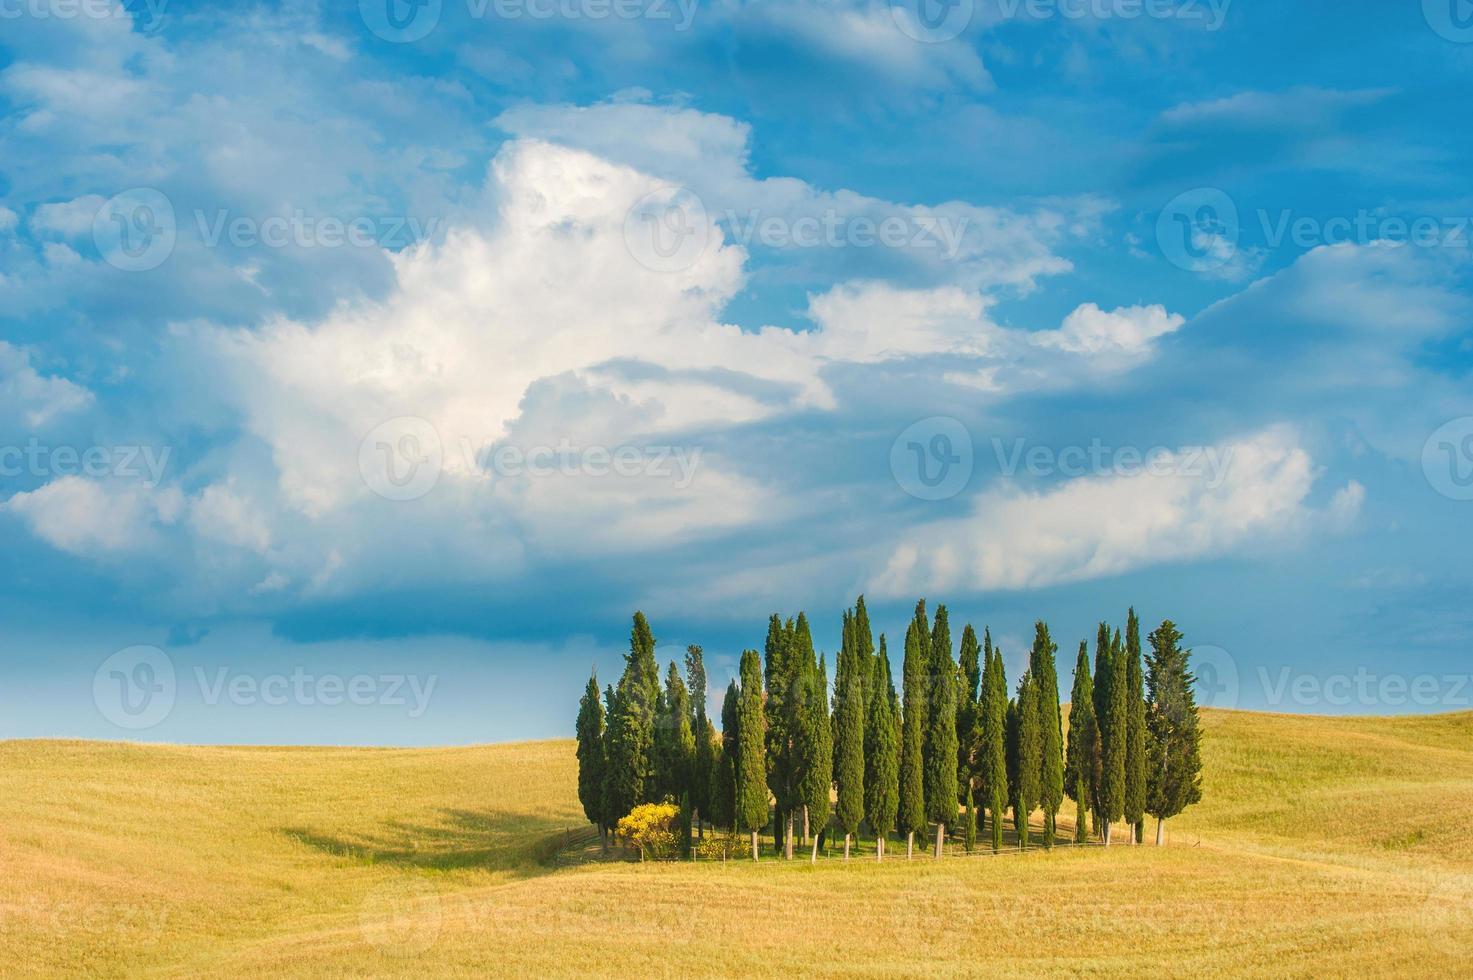 cipresherinneringen aan vakanties in Toscane, Italië foto